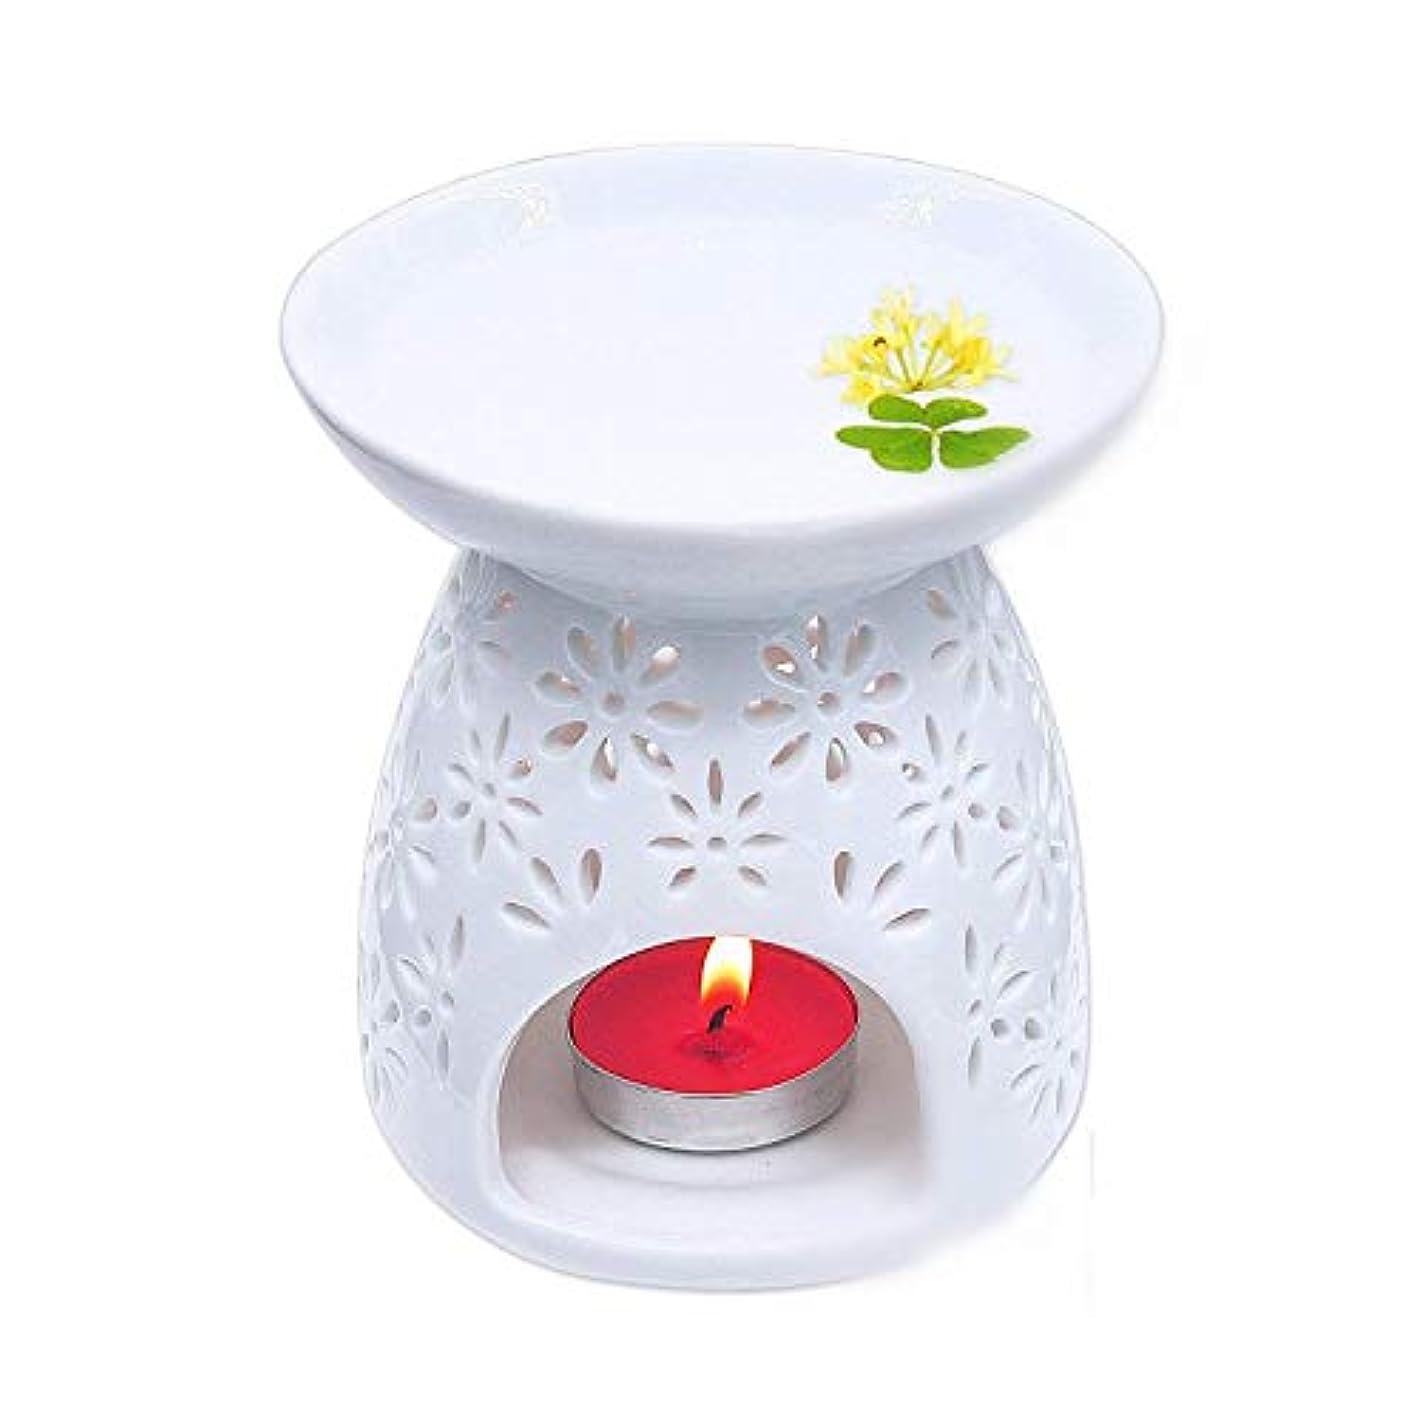 童謡他に発生Pursue 茶香炉 アロマ炉 香炉 陶器 精油 香炉置物 薫香 インテリア アロマディフューザー 中空の彫刻工 消臭と癒し おしゃれ